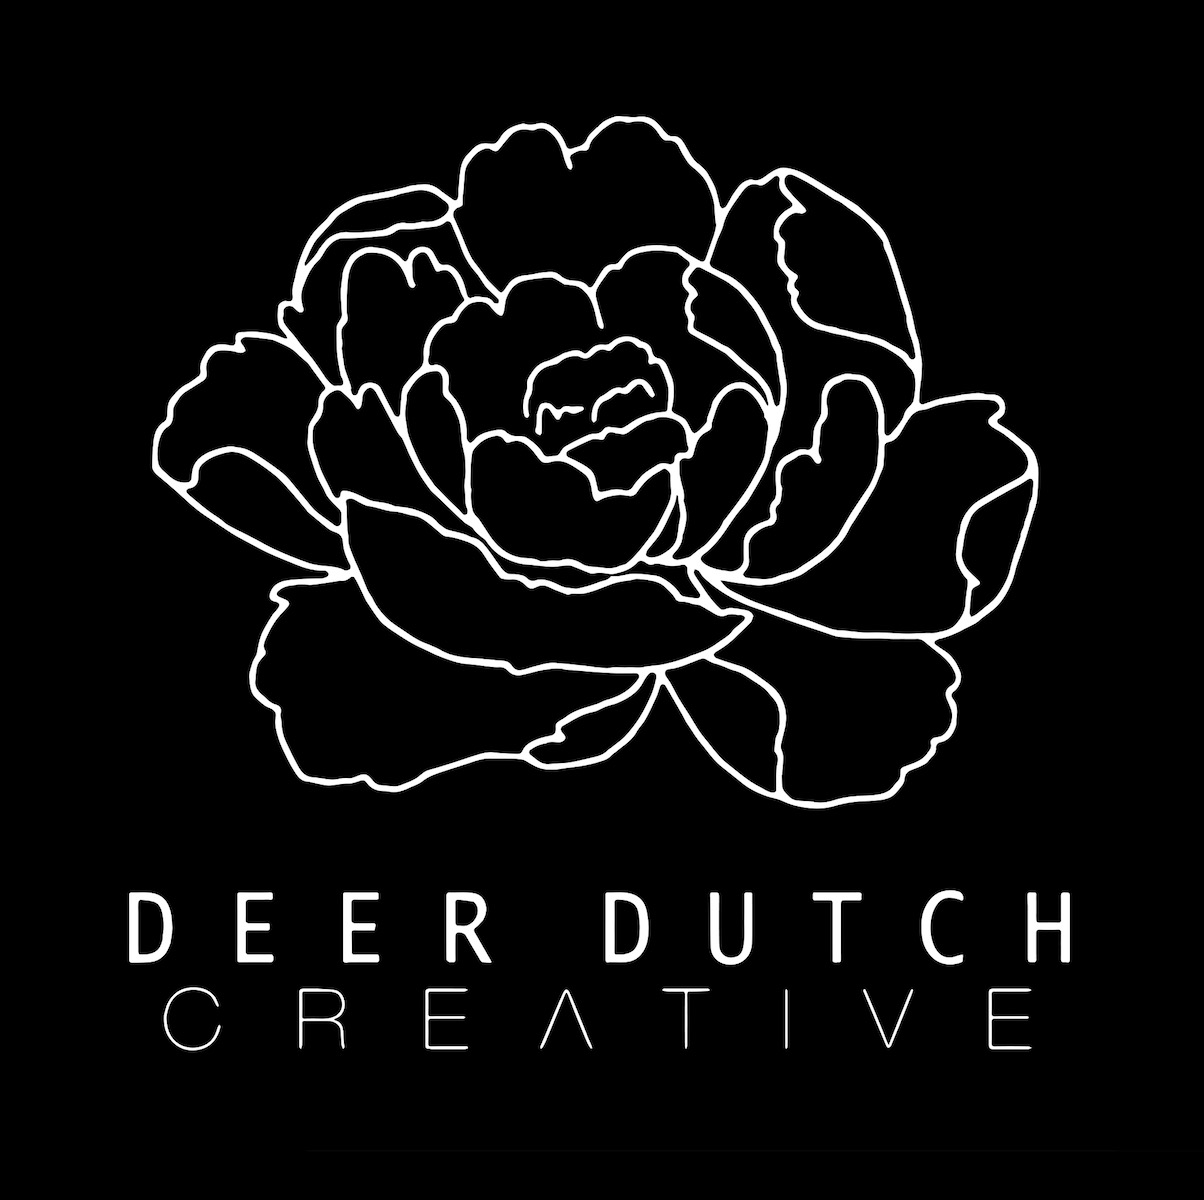 deerdutch.jpg